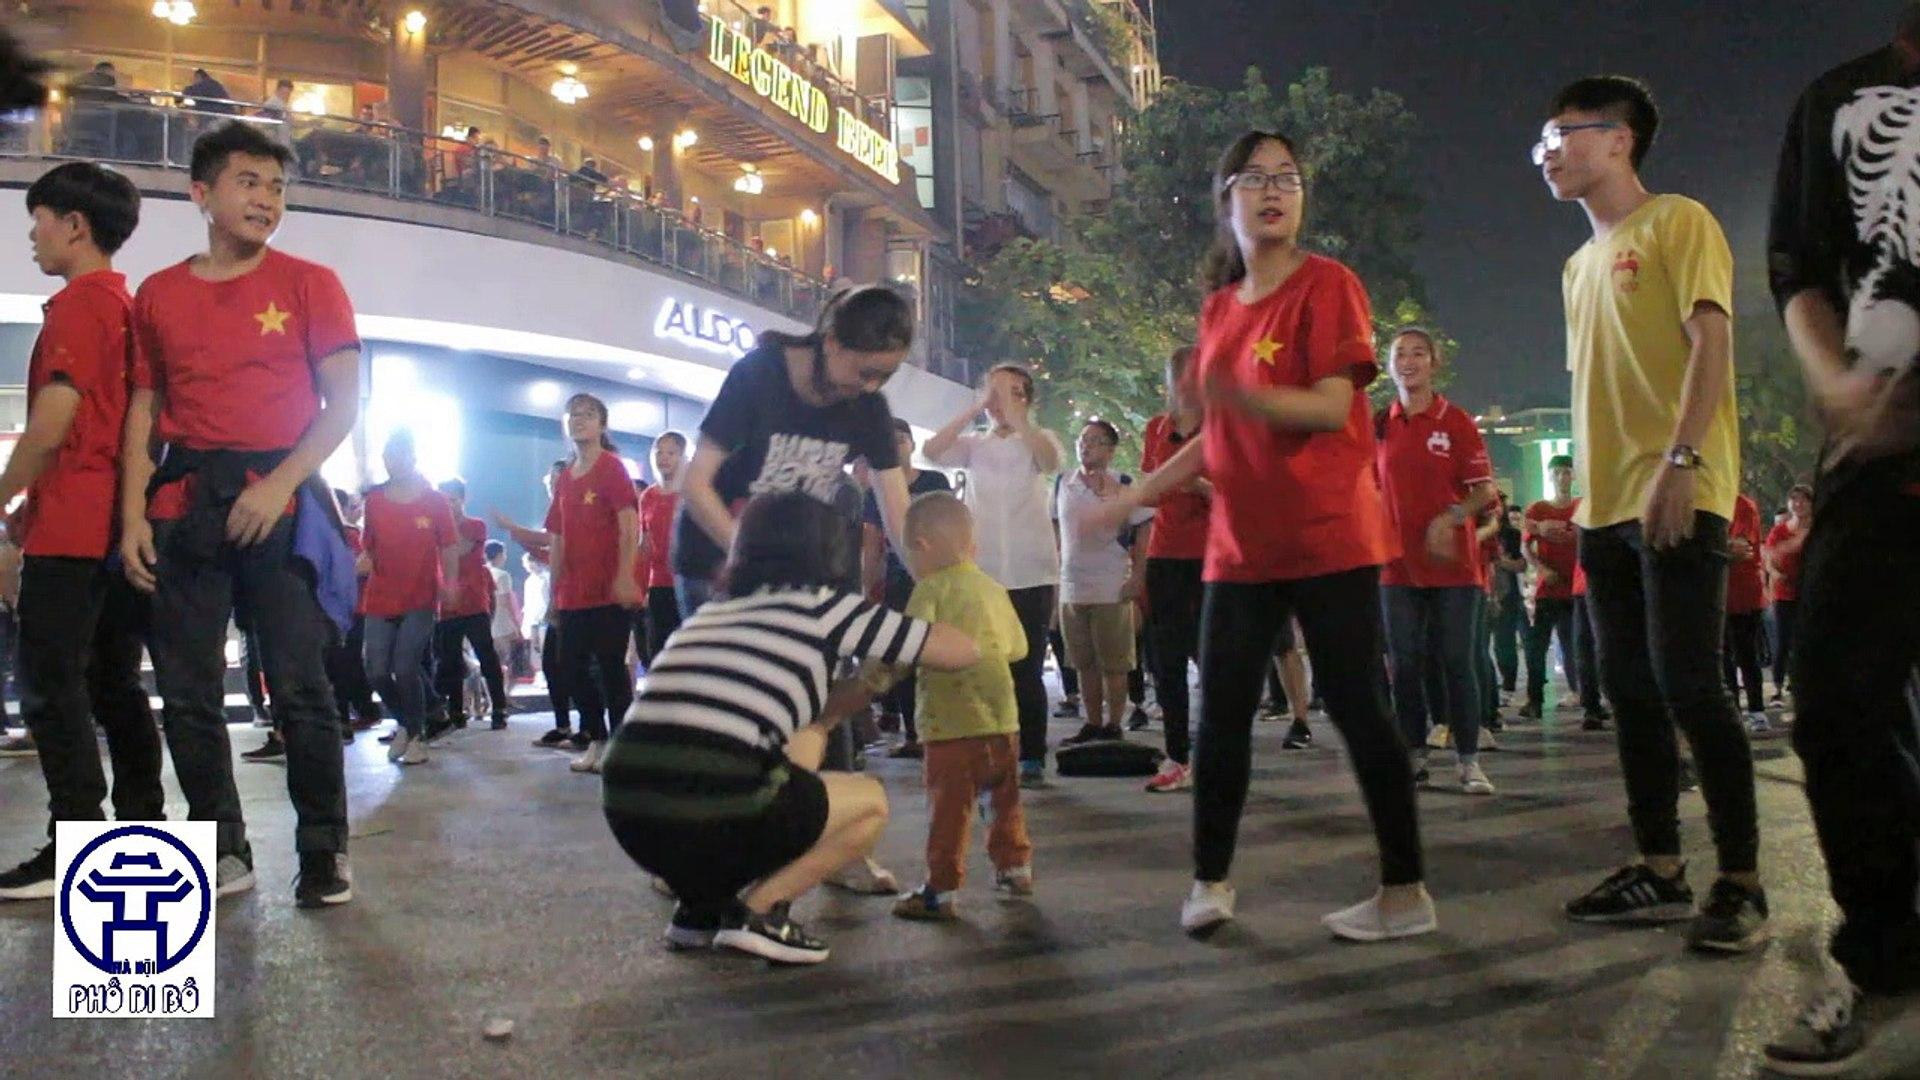 flashmob-tien-len-viet-nam-son-tung-mtp-cua-nu-sinh-pho-di-bo-phan-khich